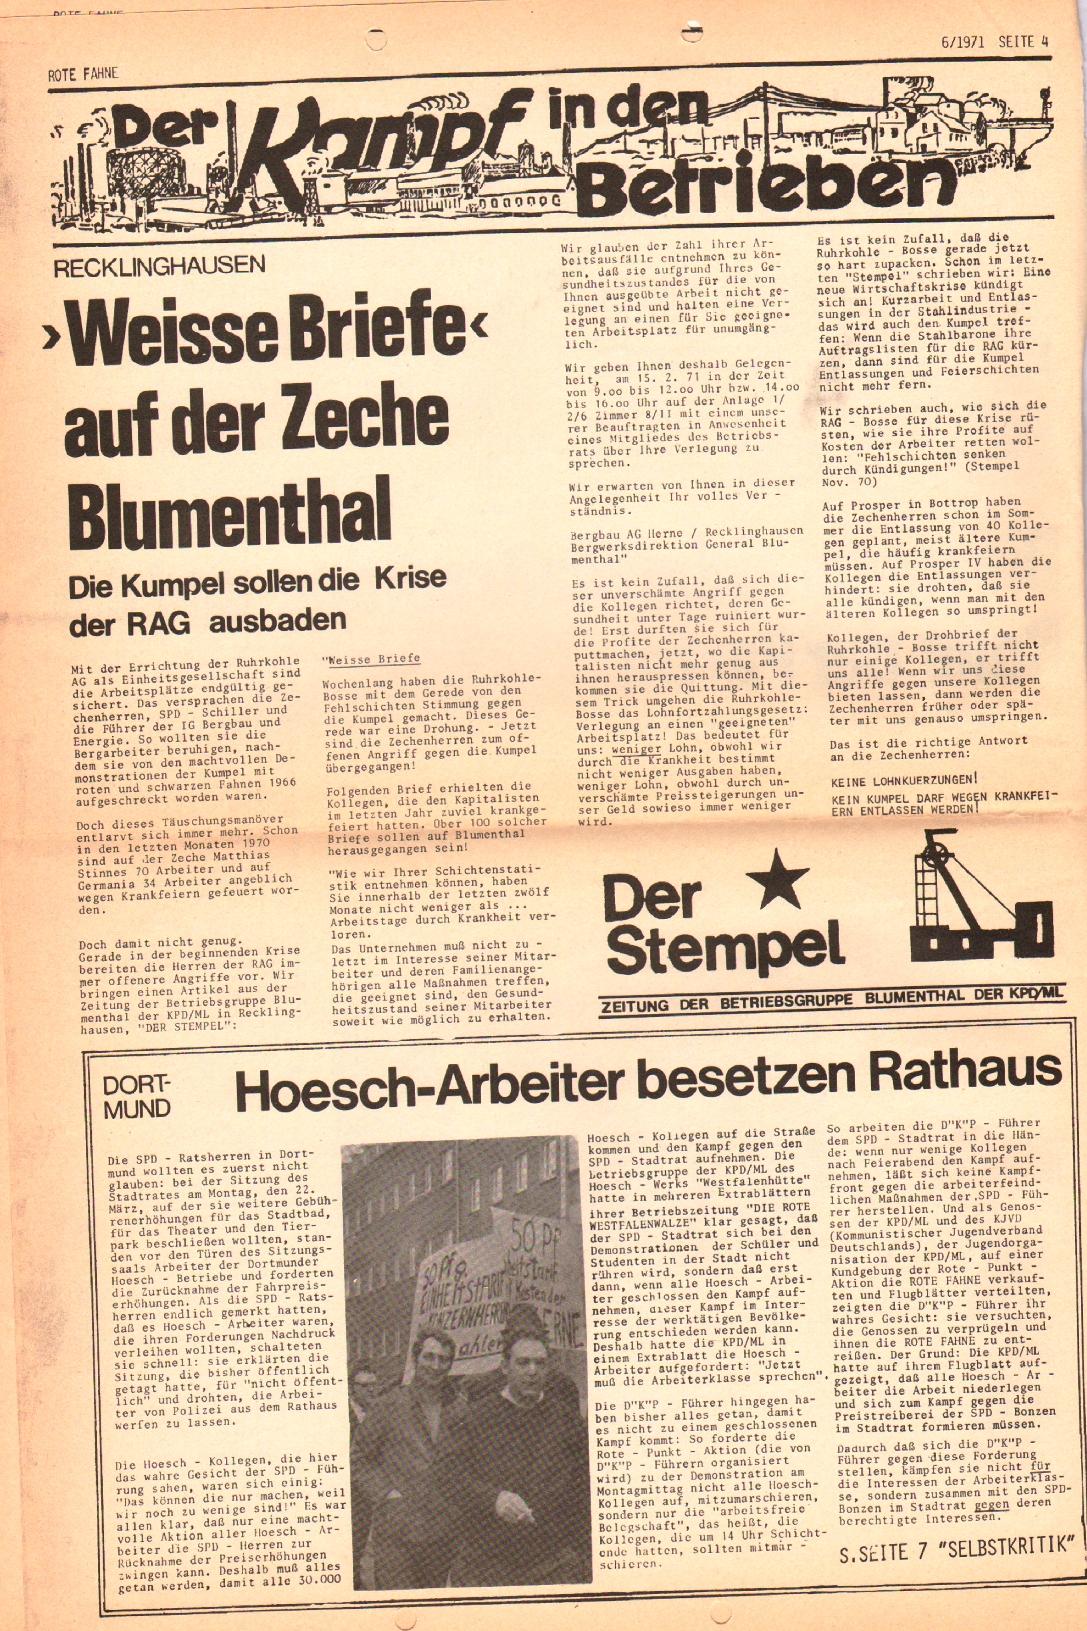 Rote Fahne, 2. Jg., 29.3.1971, Nr. 6, Seite 4